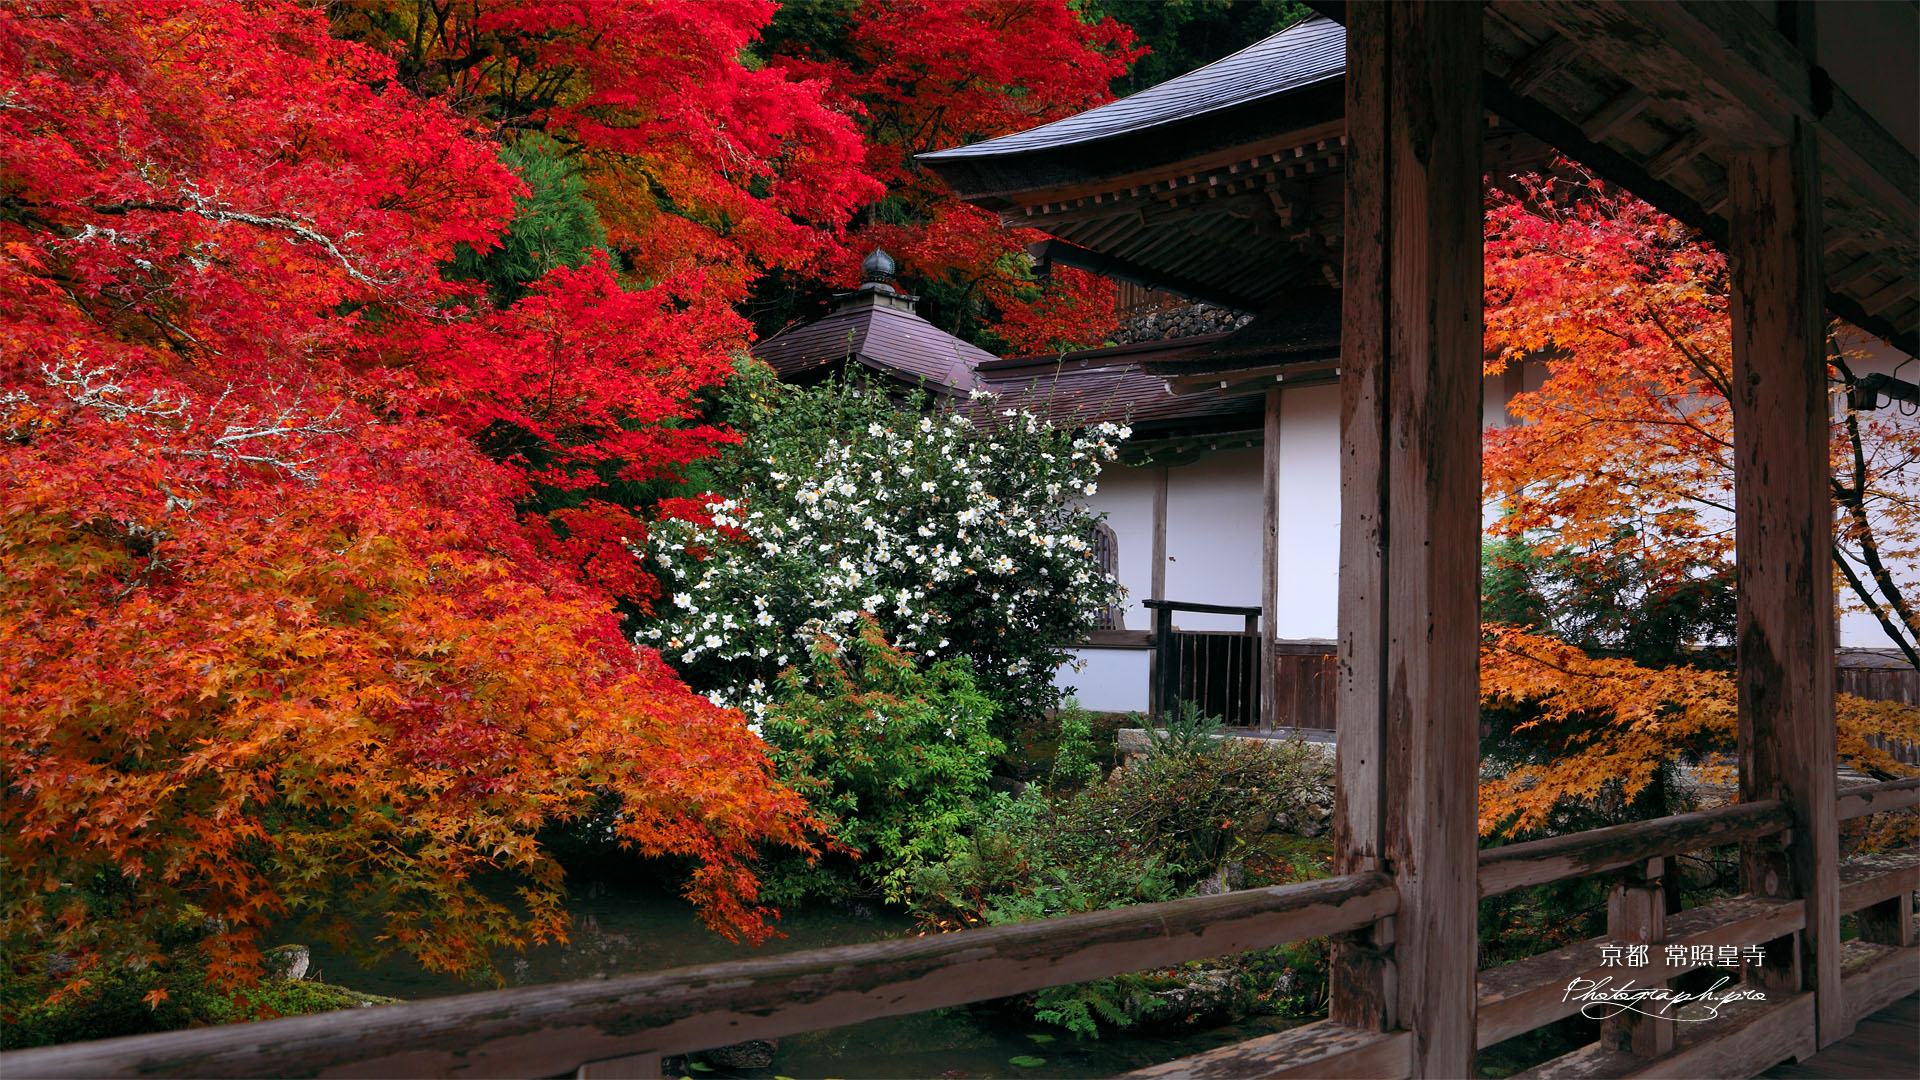 京都 常照皇寺の紅葉と山茶花 ...